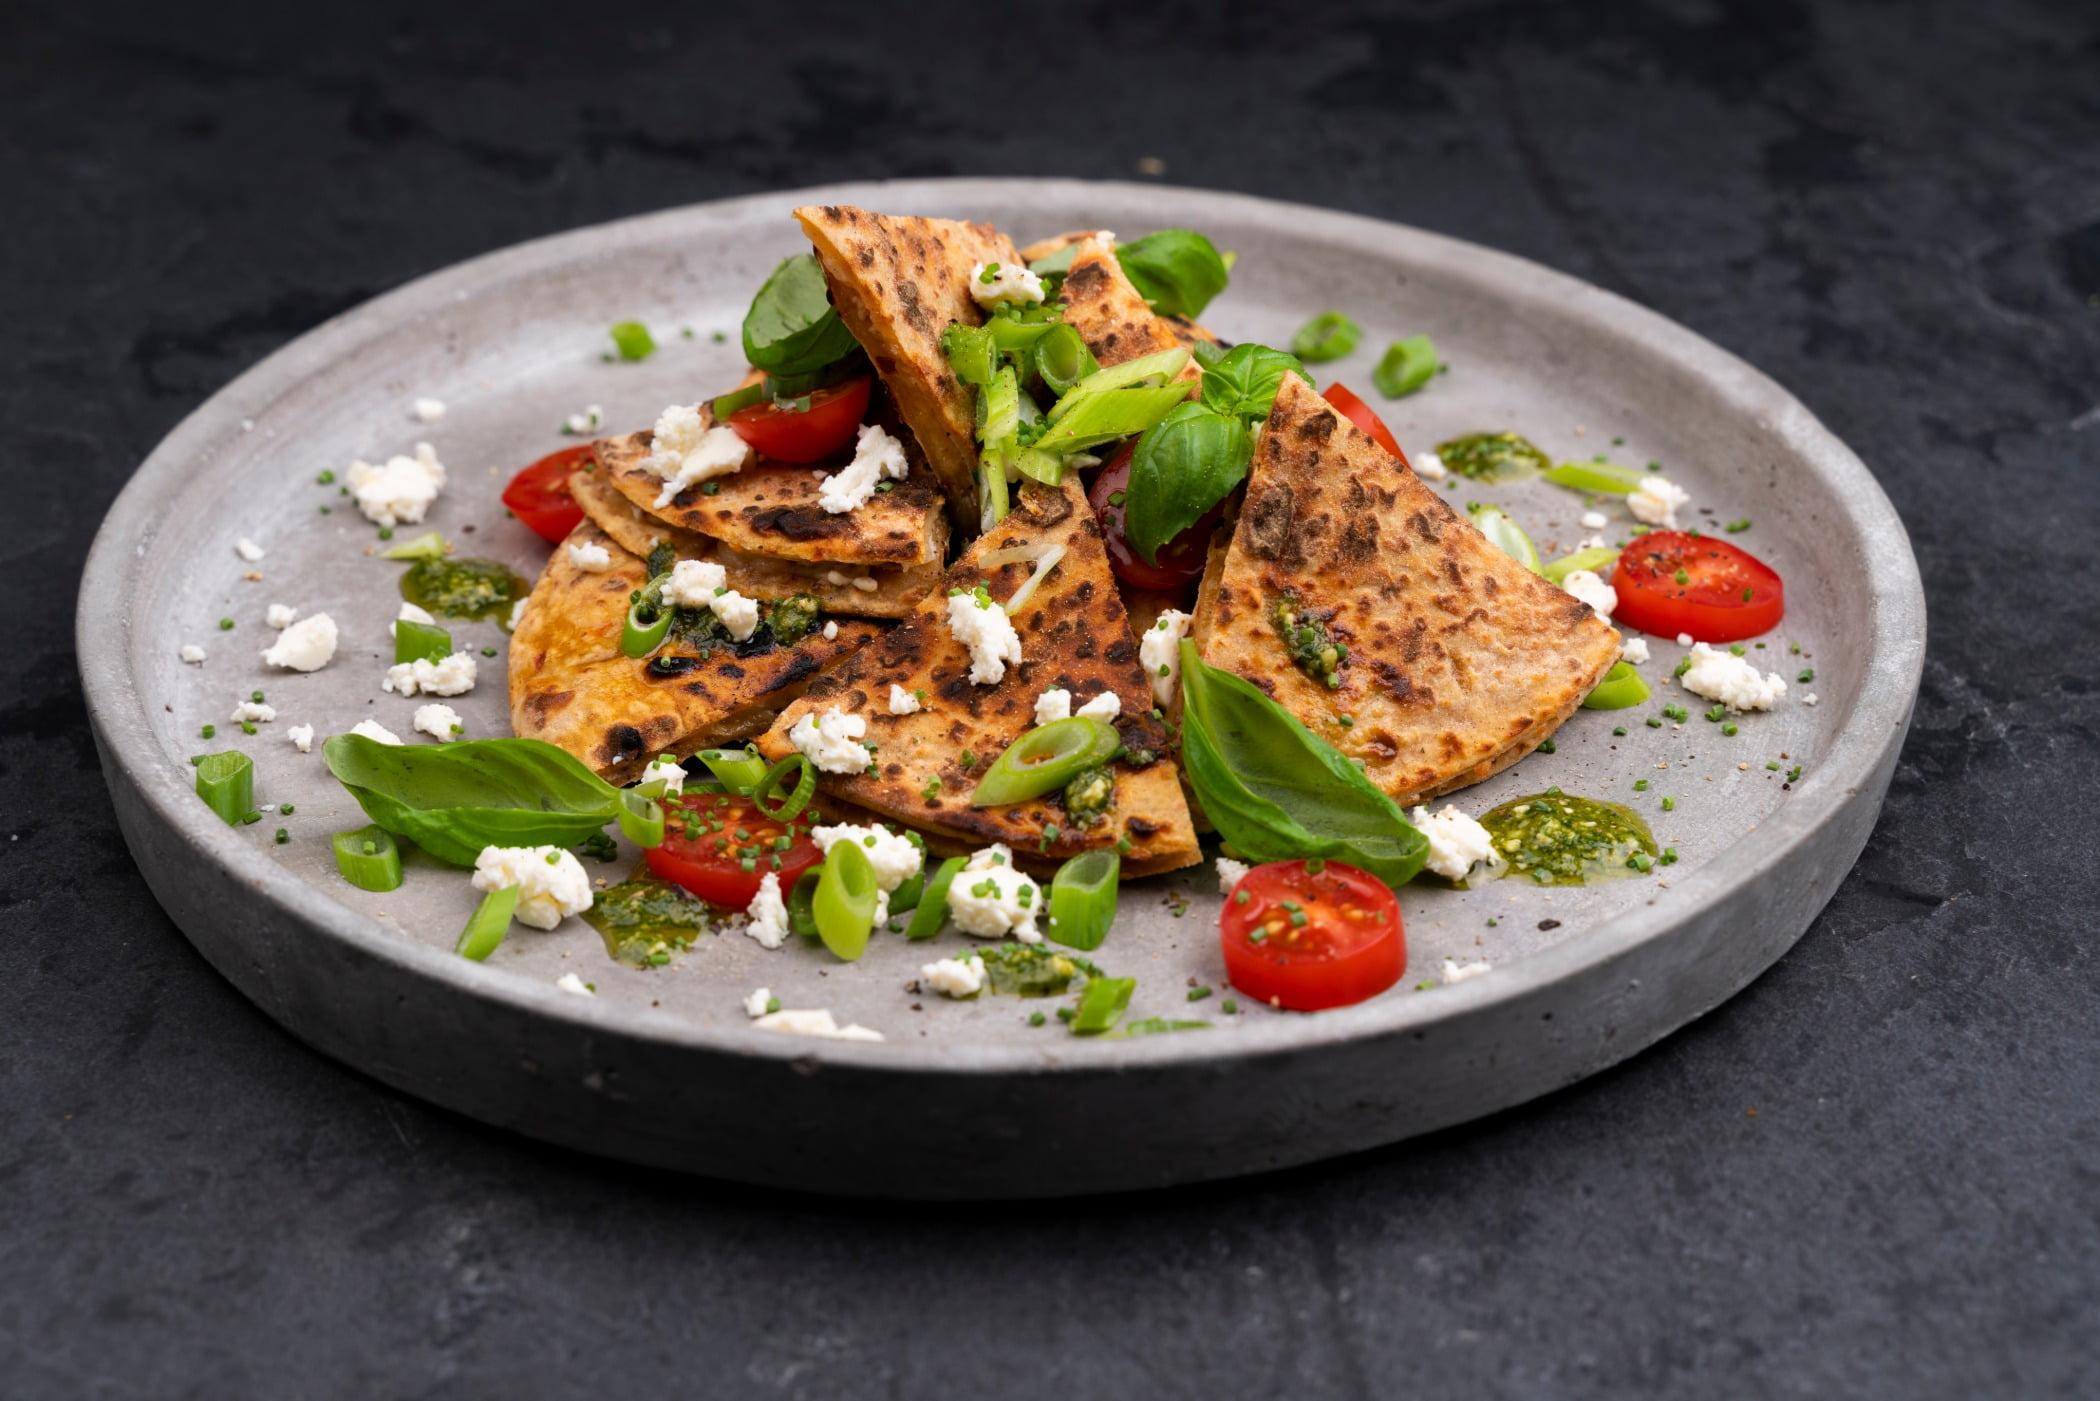 Fines herbes, Leaf vegetable, Food, Tableware, Ingredient, Recipe, Dishware, Cuisine